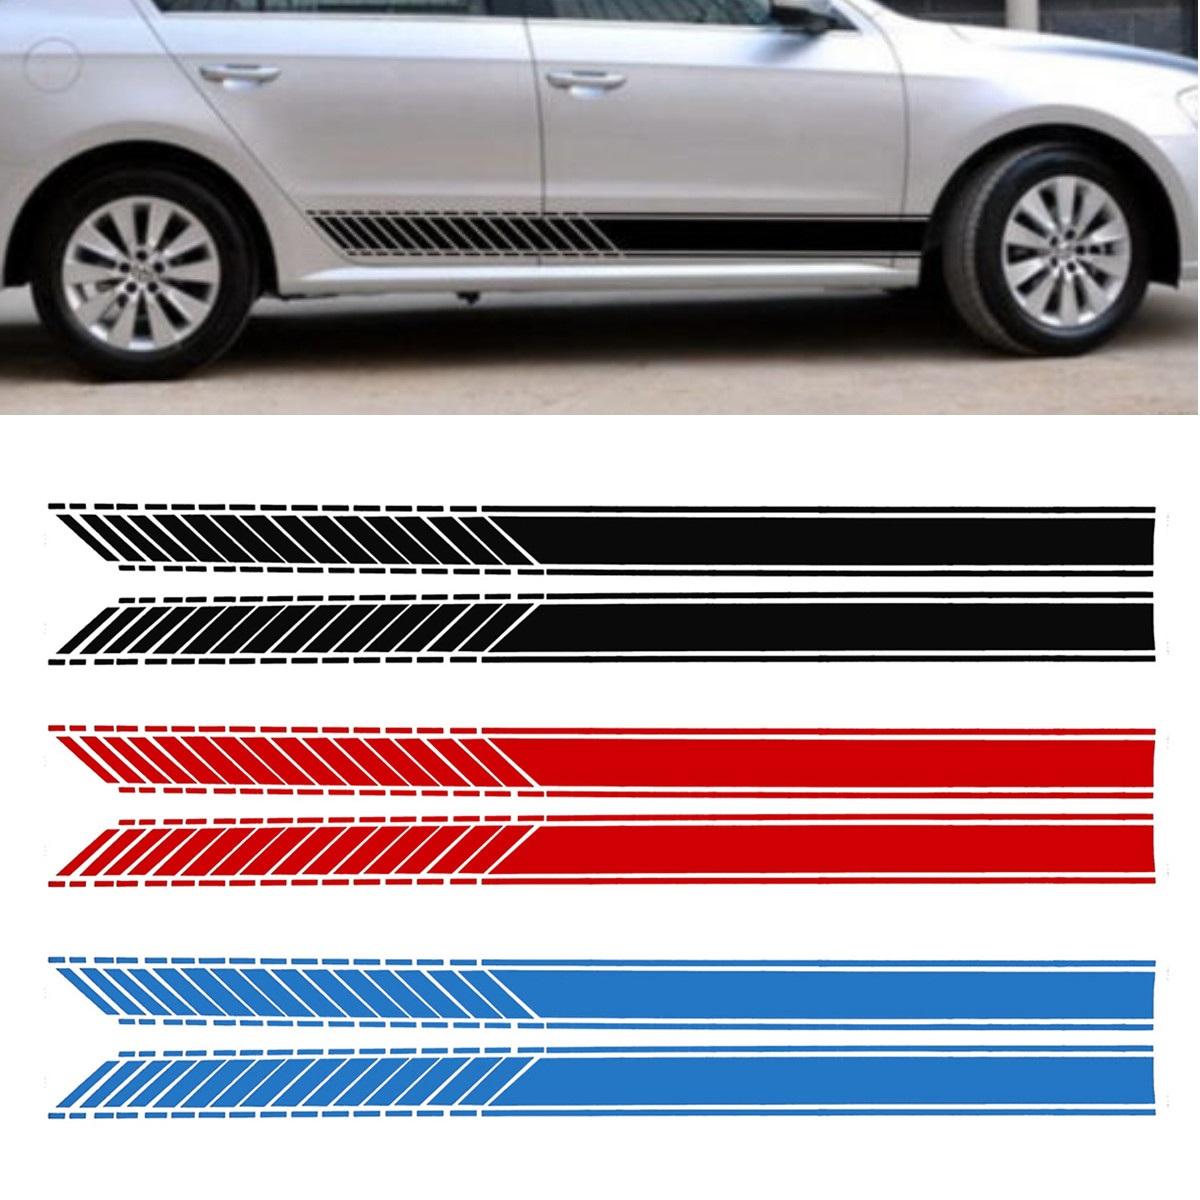 Наклейки-полоски на автомобиль: виды, лучшие материалы